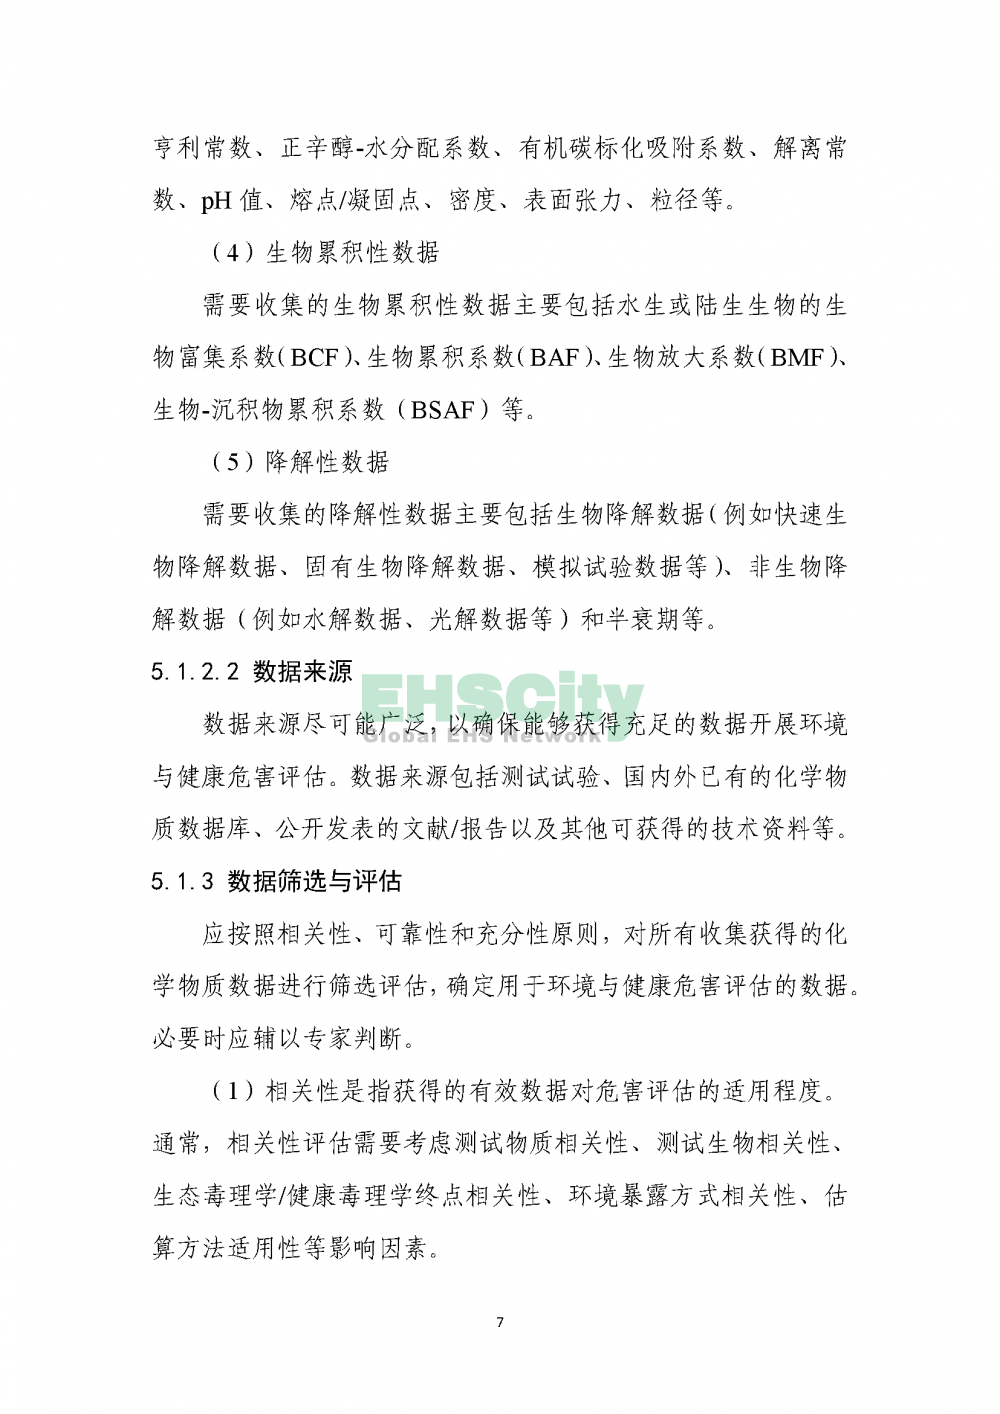 1化学物质环境与健康危害评估技术导则_页面_09